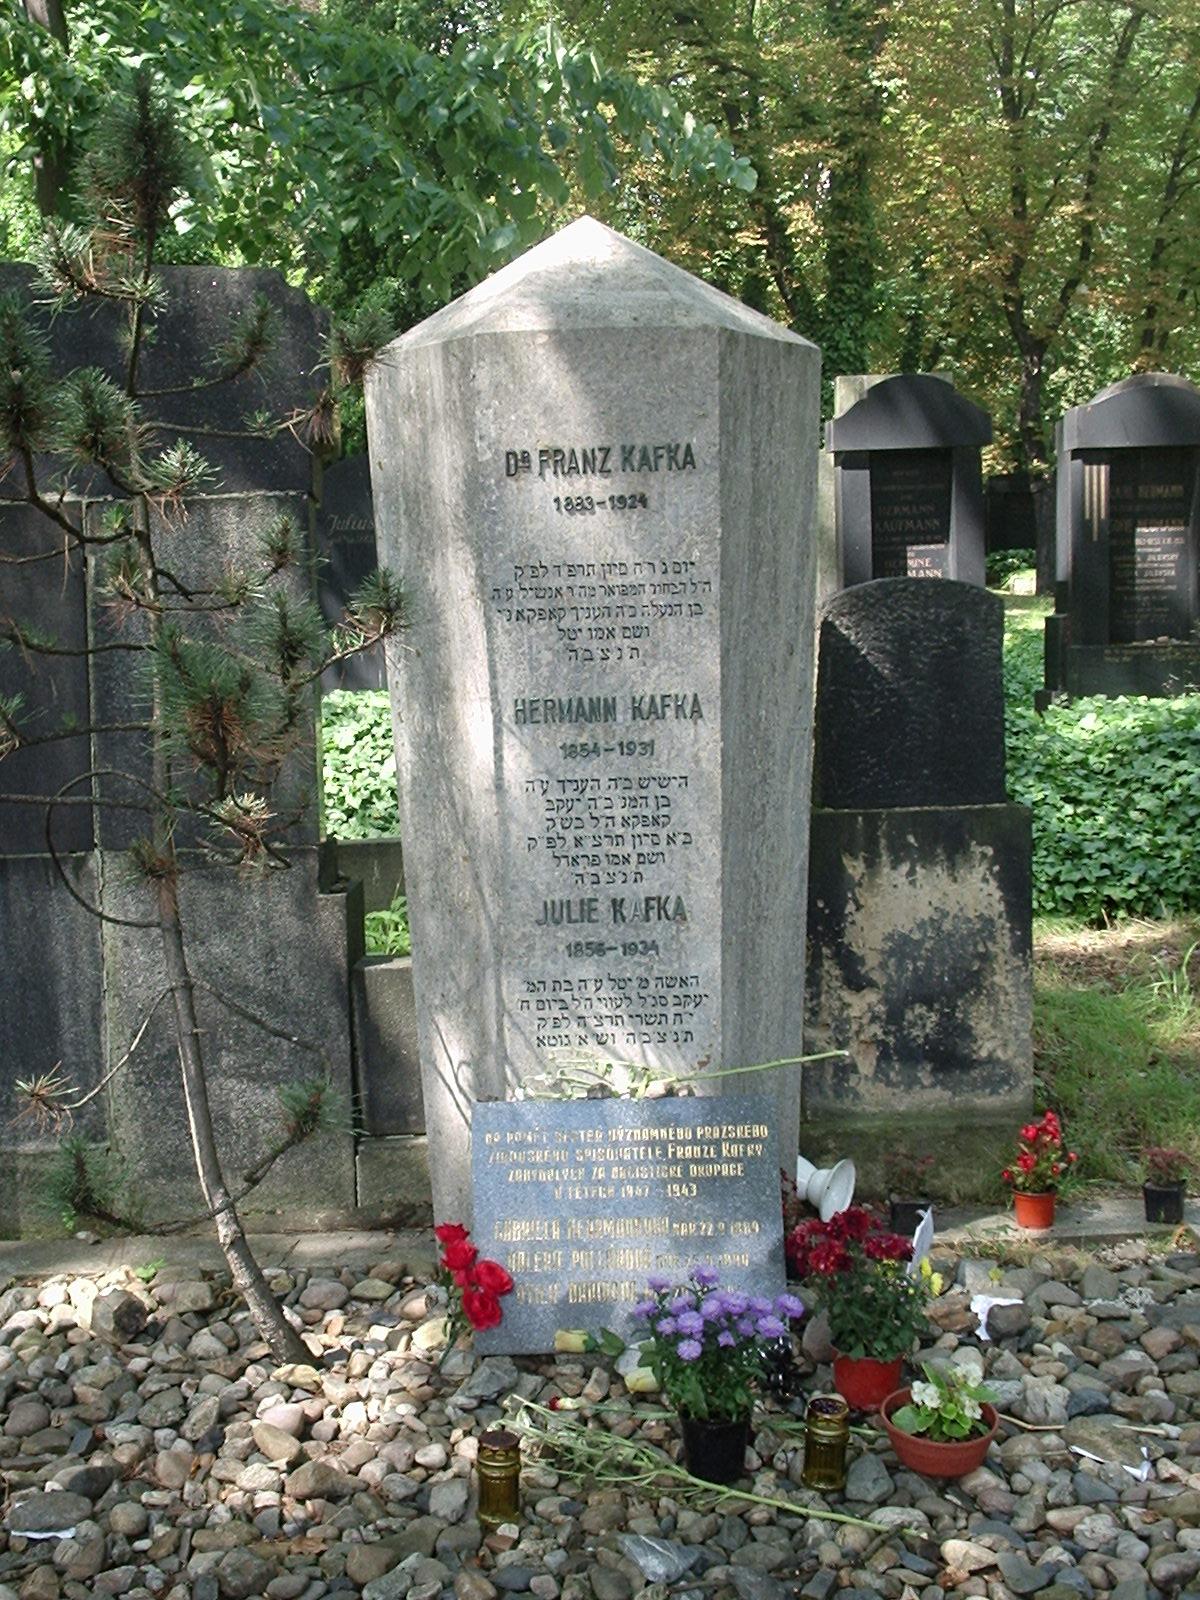 Надгробие Кафки на еврейском кладбище Праги. При самом входе на кладбище стоит указатель.